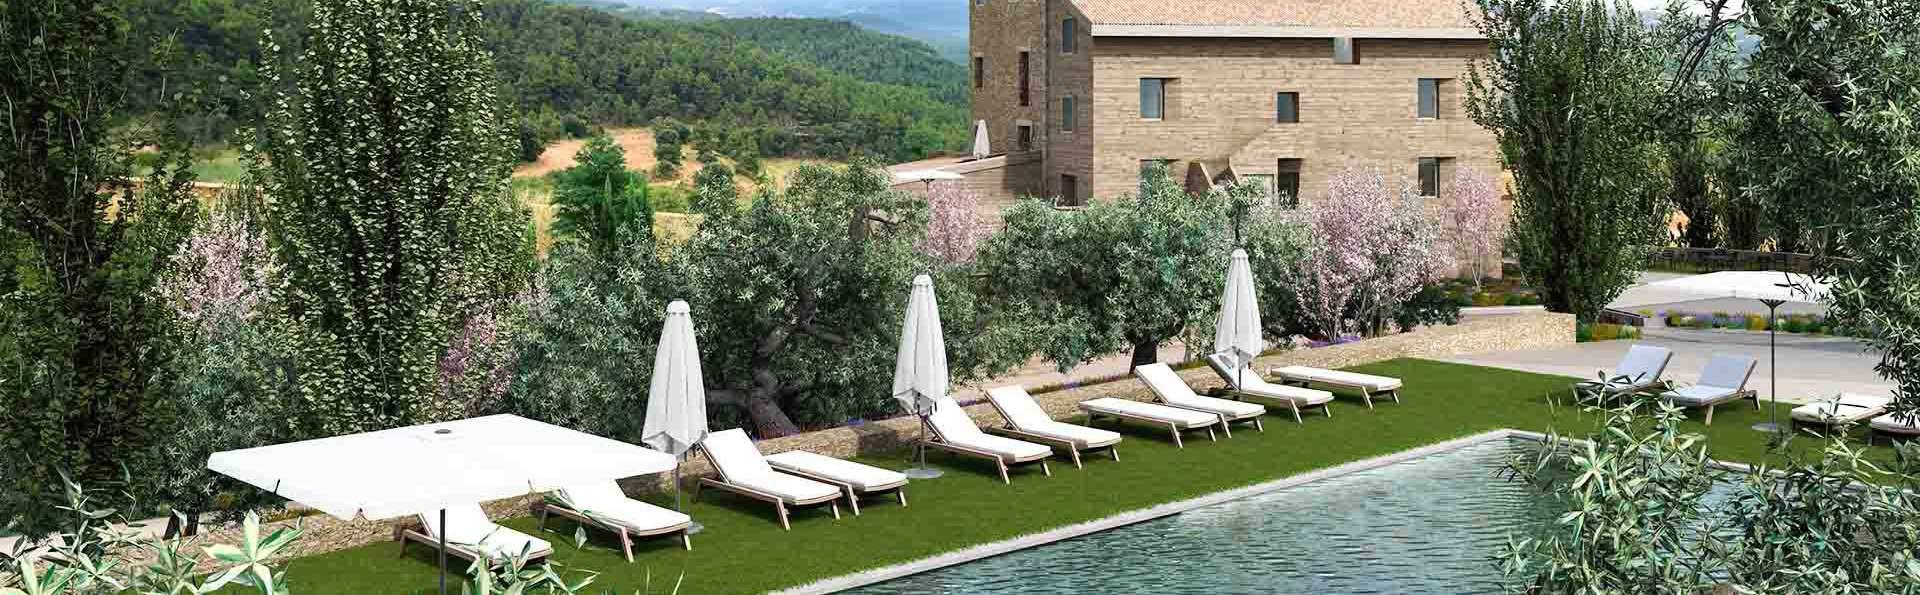 Relax 5 estrellas en Aragón con desayuno y acceso privado al spa